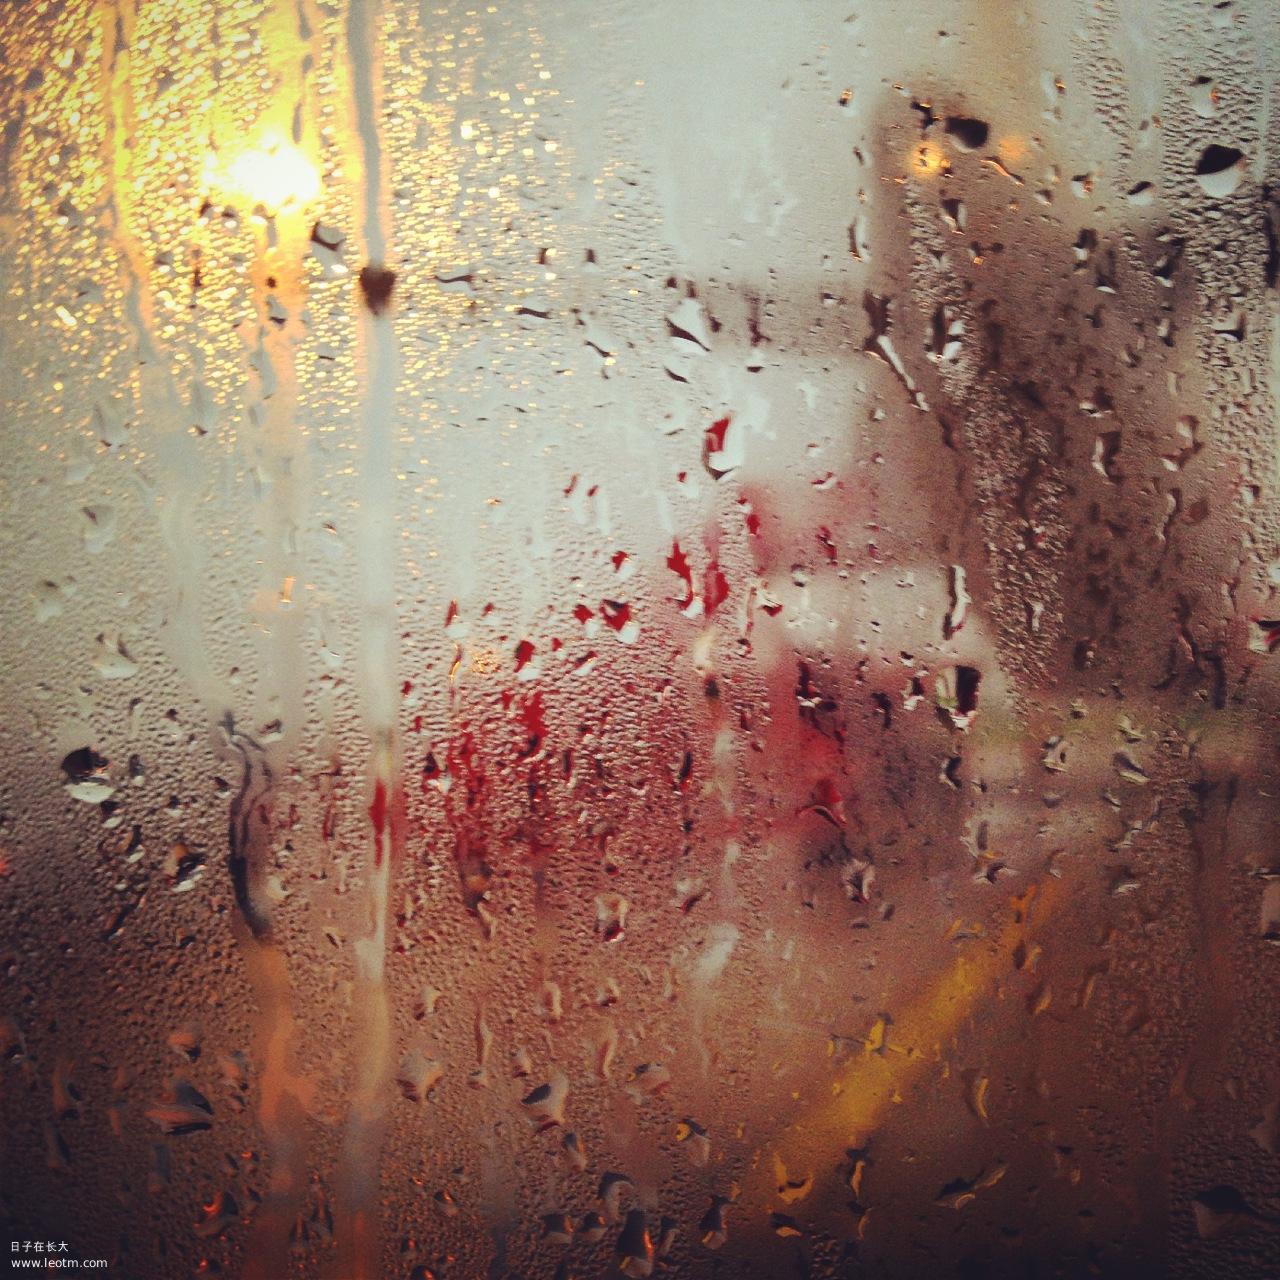 回到曼谷,小雨淅沥